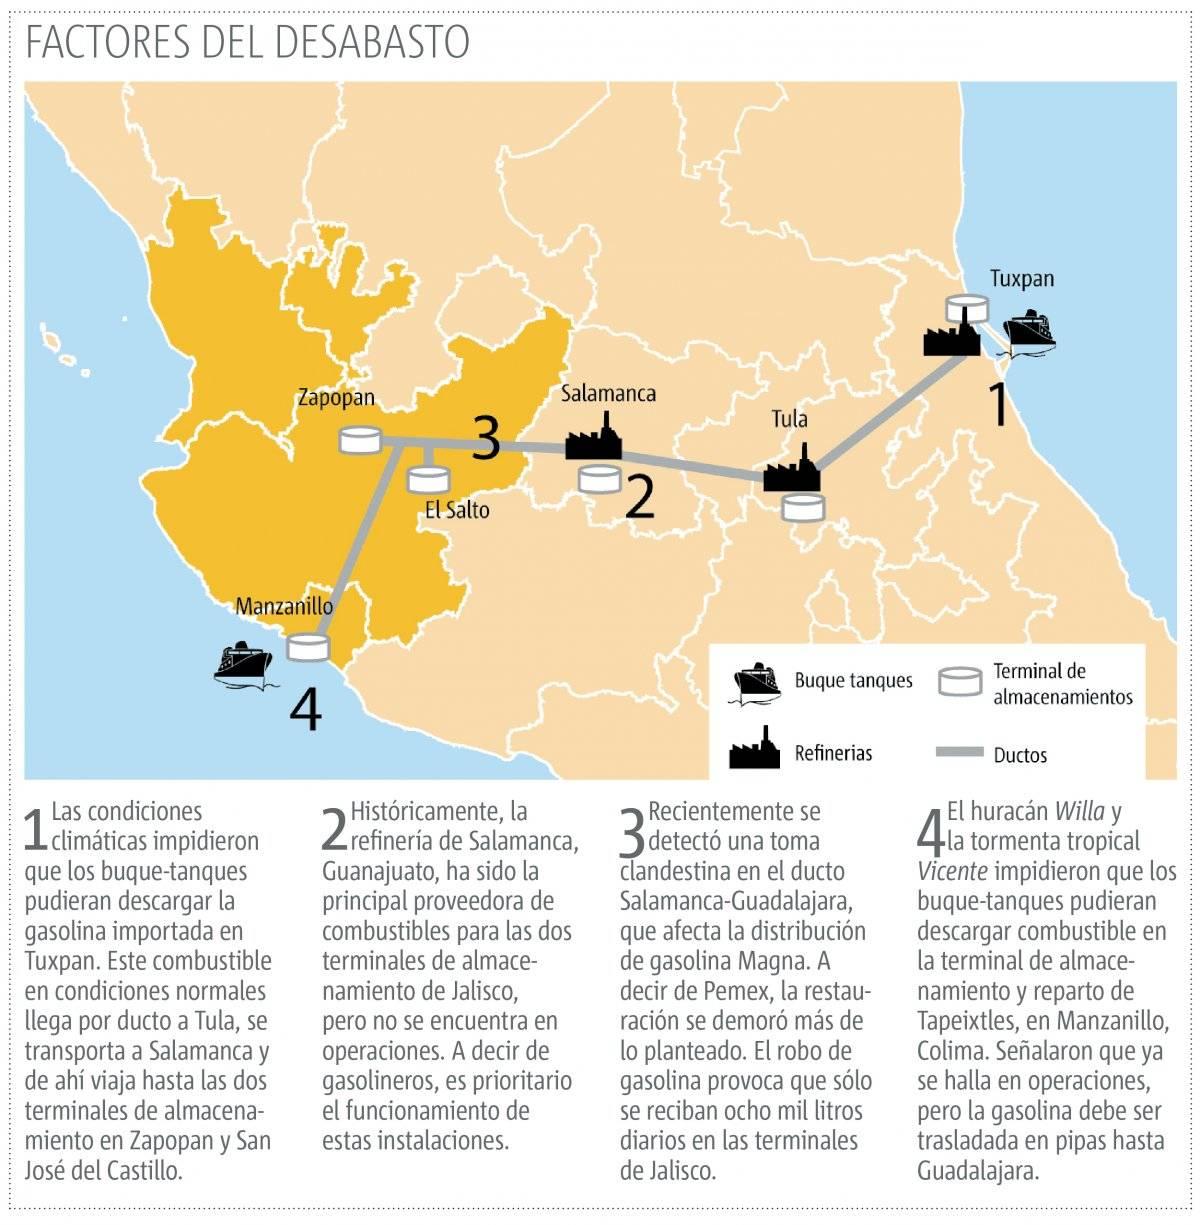 Padece Jalisco, Colima y Nayarit desabasto de gasolina